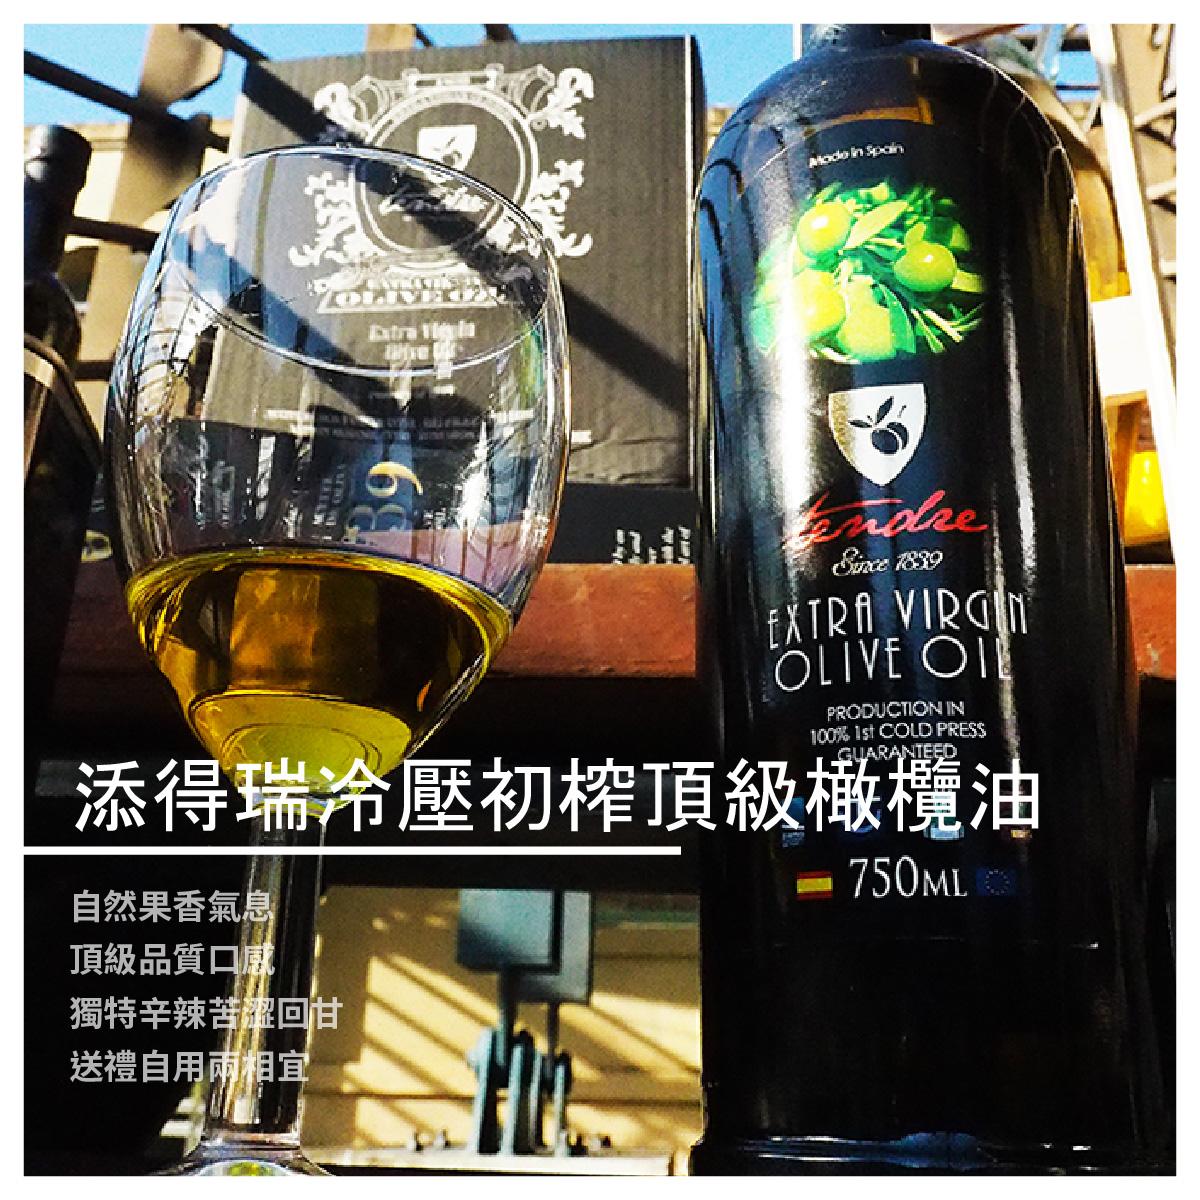 【健康宅急便】添得瑞冷壓初榨頂級橄欖油/750ml/瓶